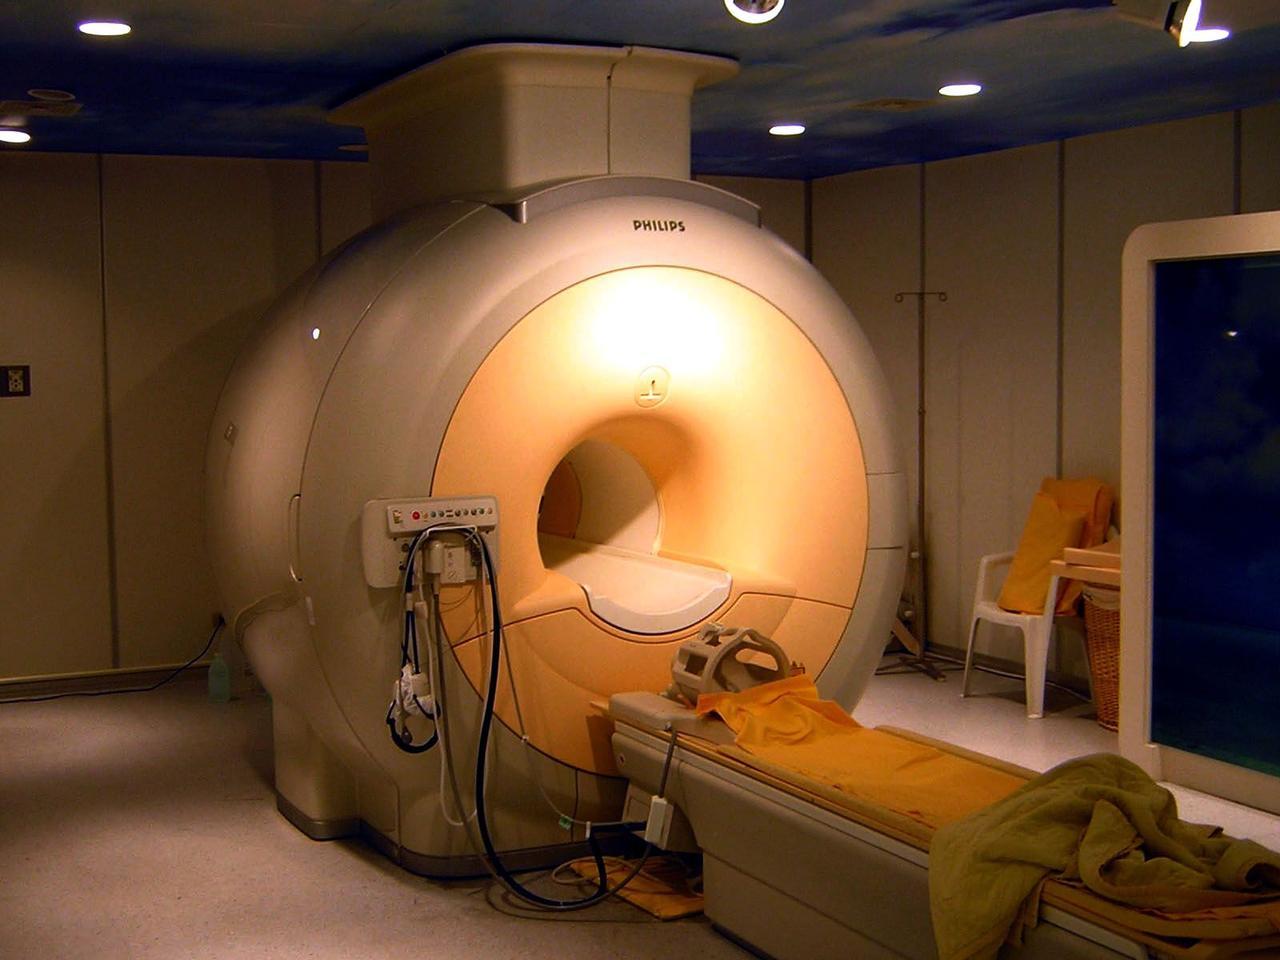 A modern three Tesla MRI scanner (Photo: Kasuga Huang)